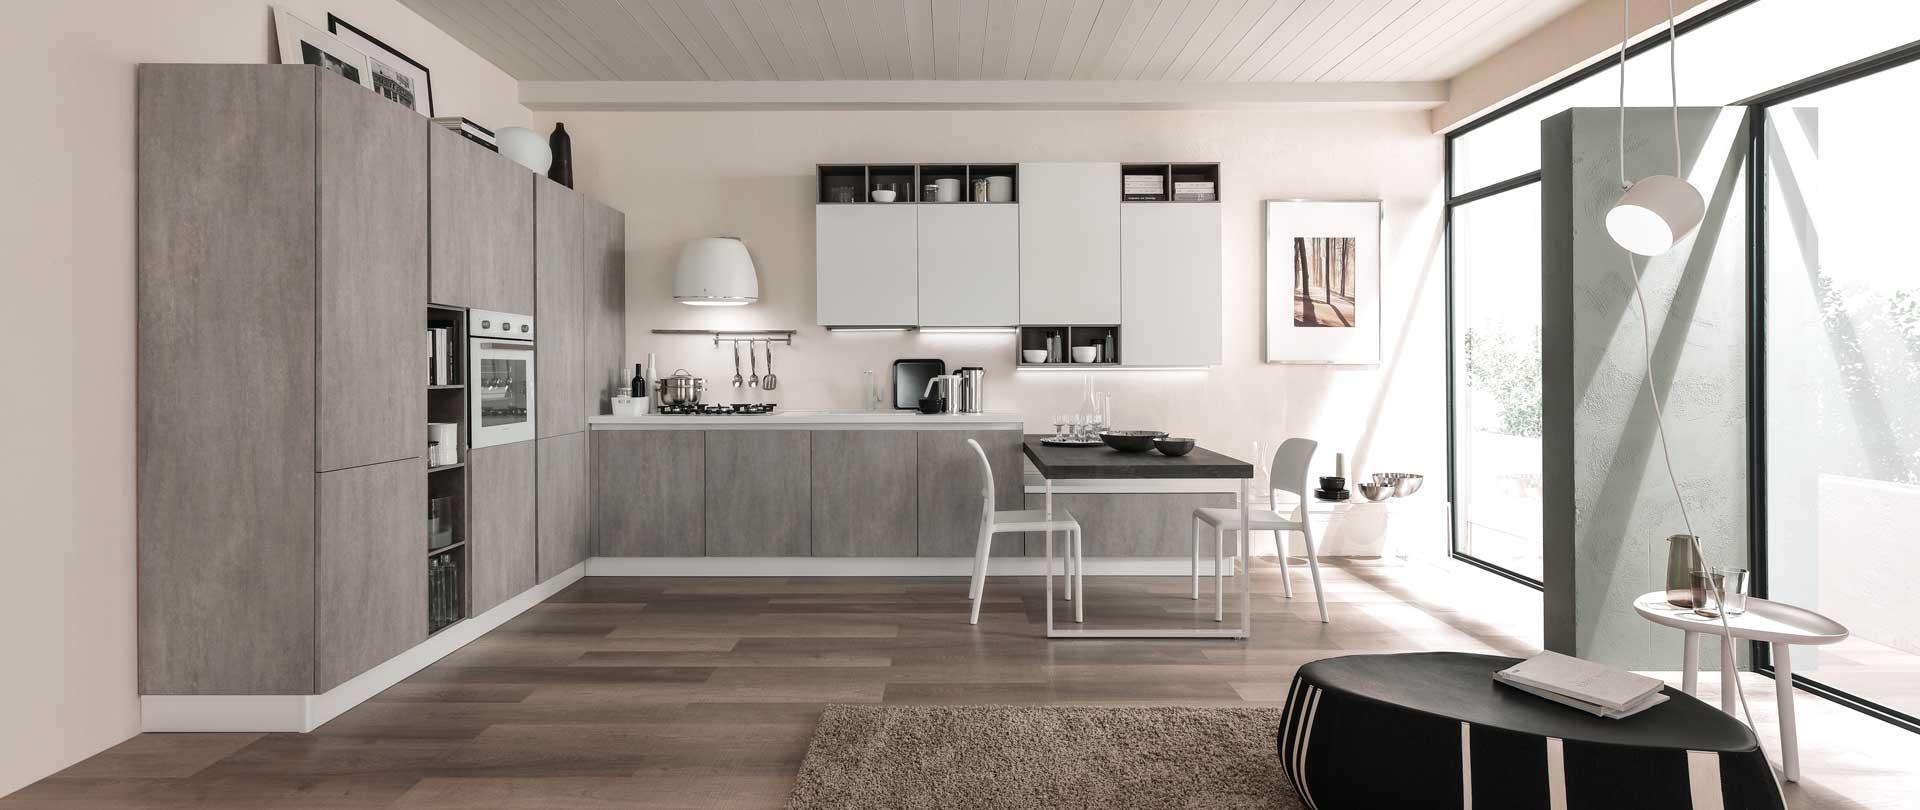 cucina-moderna-zen-argento-cemento-seta-bianco-opaco